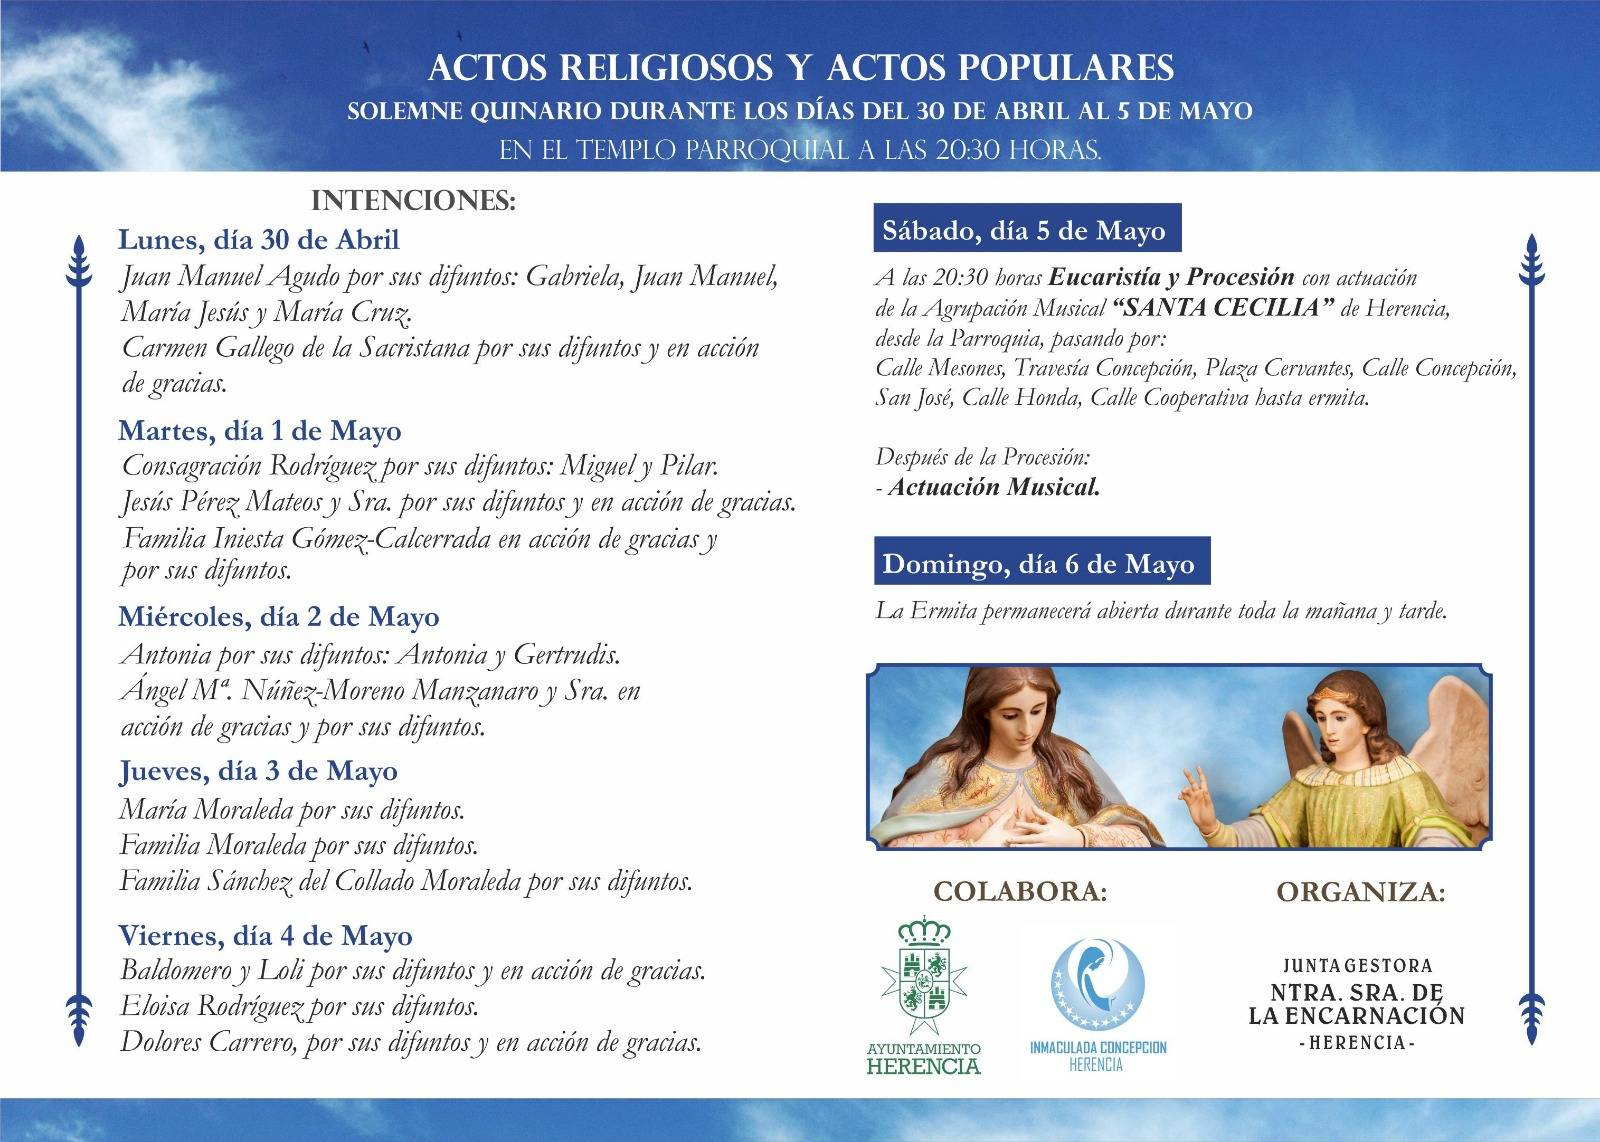 Fiestas en honor a Nuestra Señora de la Encarnacion en Herencia2 - Fiestas en honor a Nuestra Señora de la Encarnación en Herencia